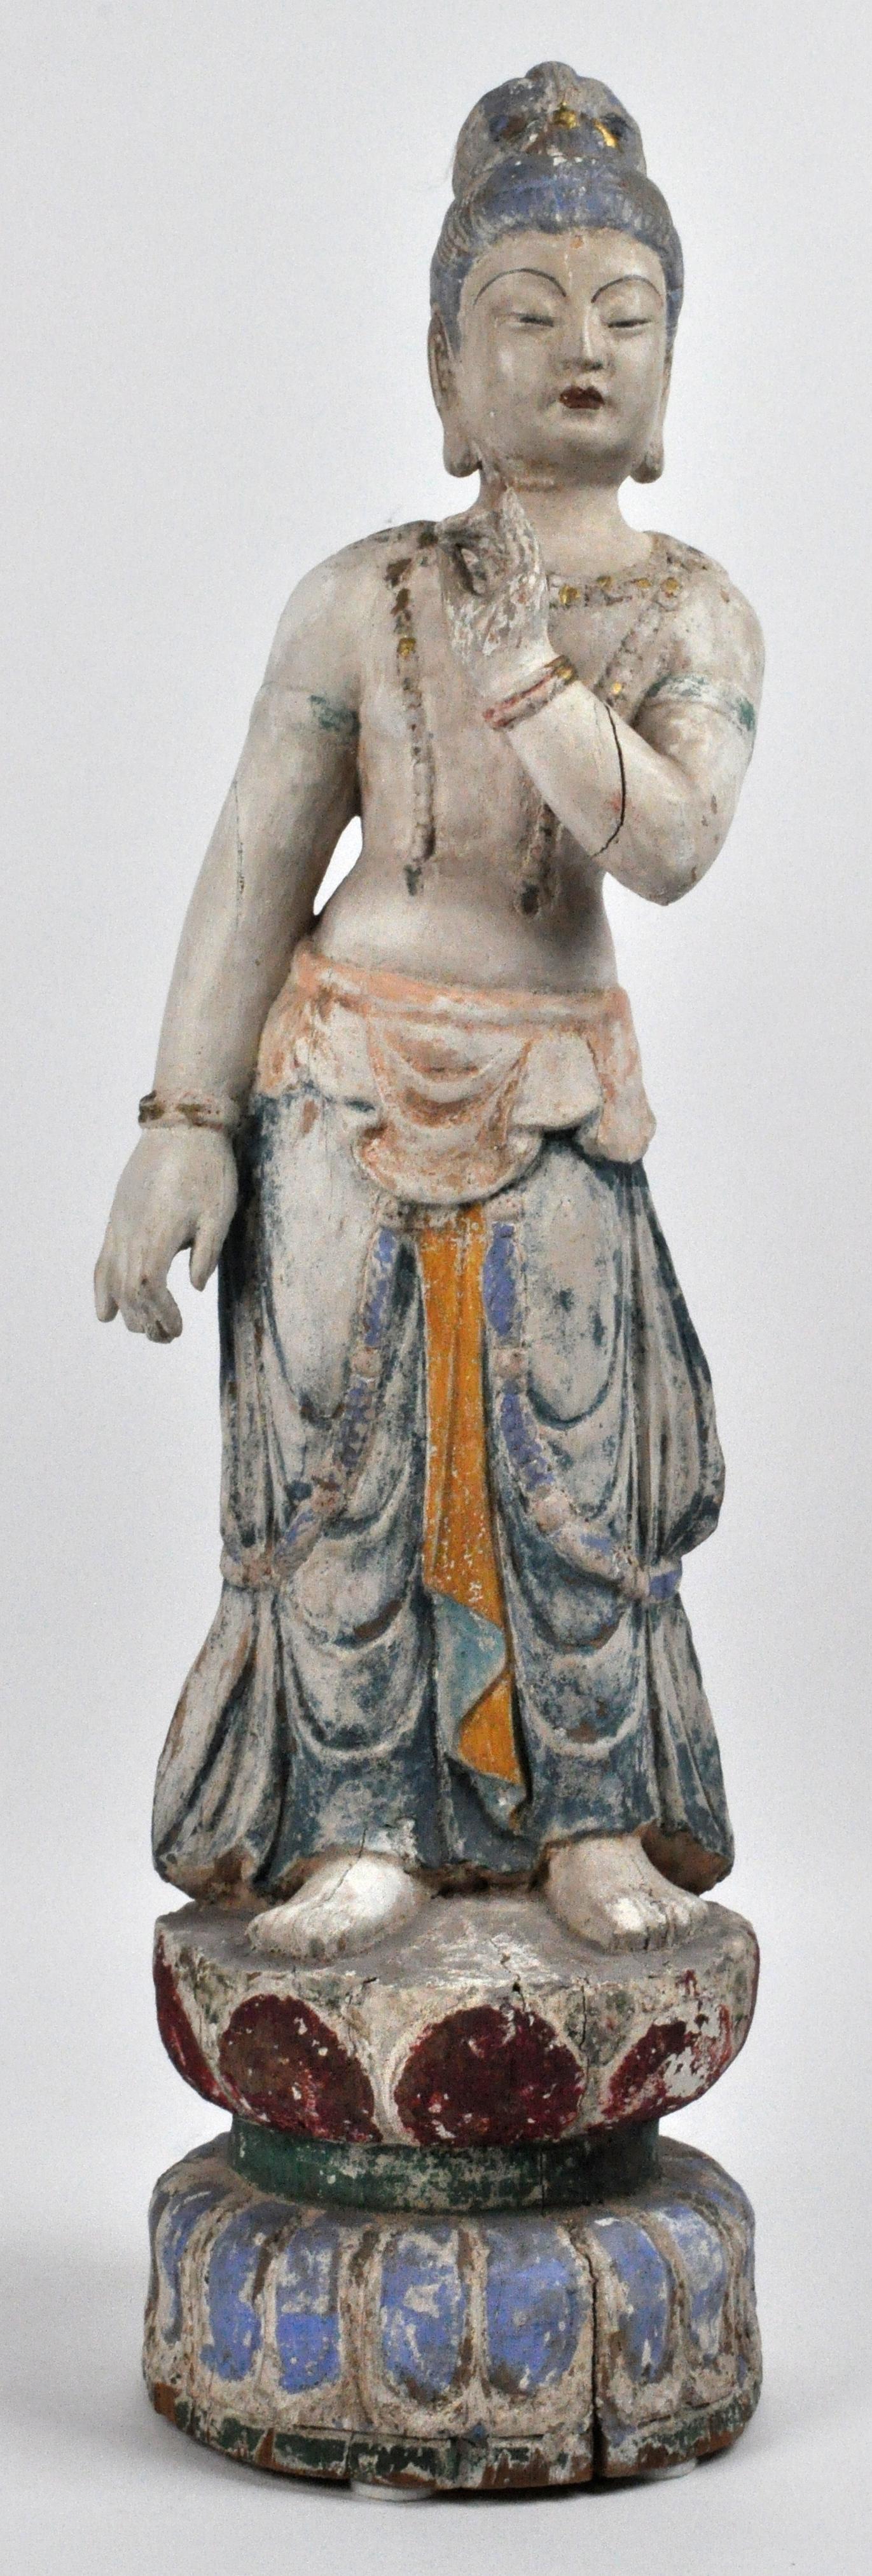 Een staande Guanyin van gepolychromeerd hout. Handen in vitarkamudra. China, vermoedelijk XIXe eeuw.